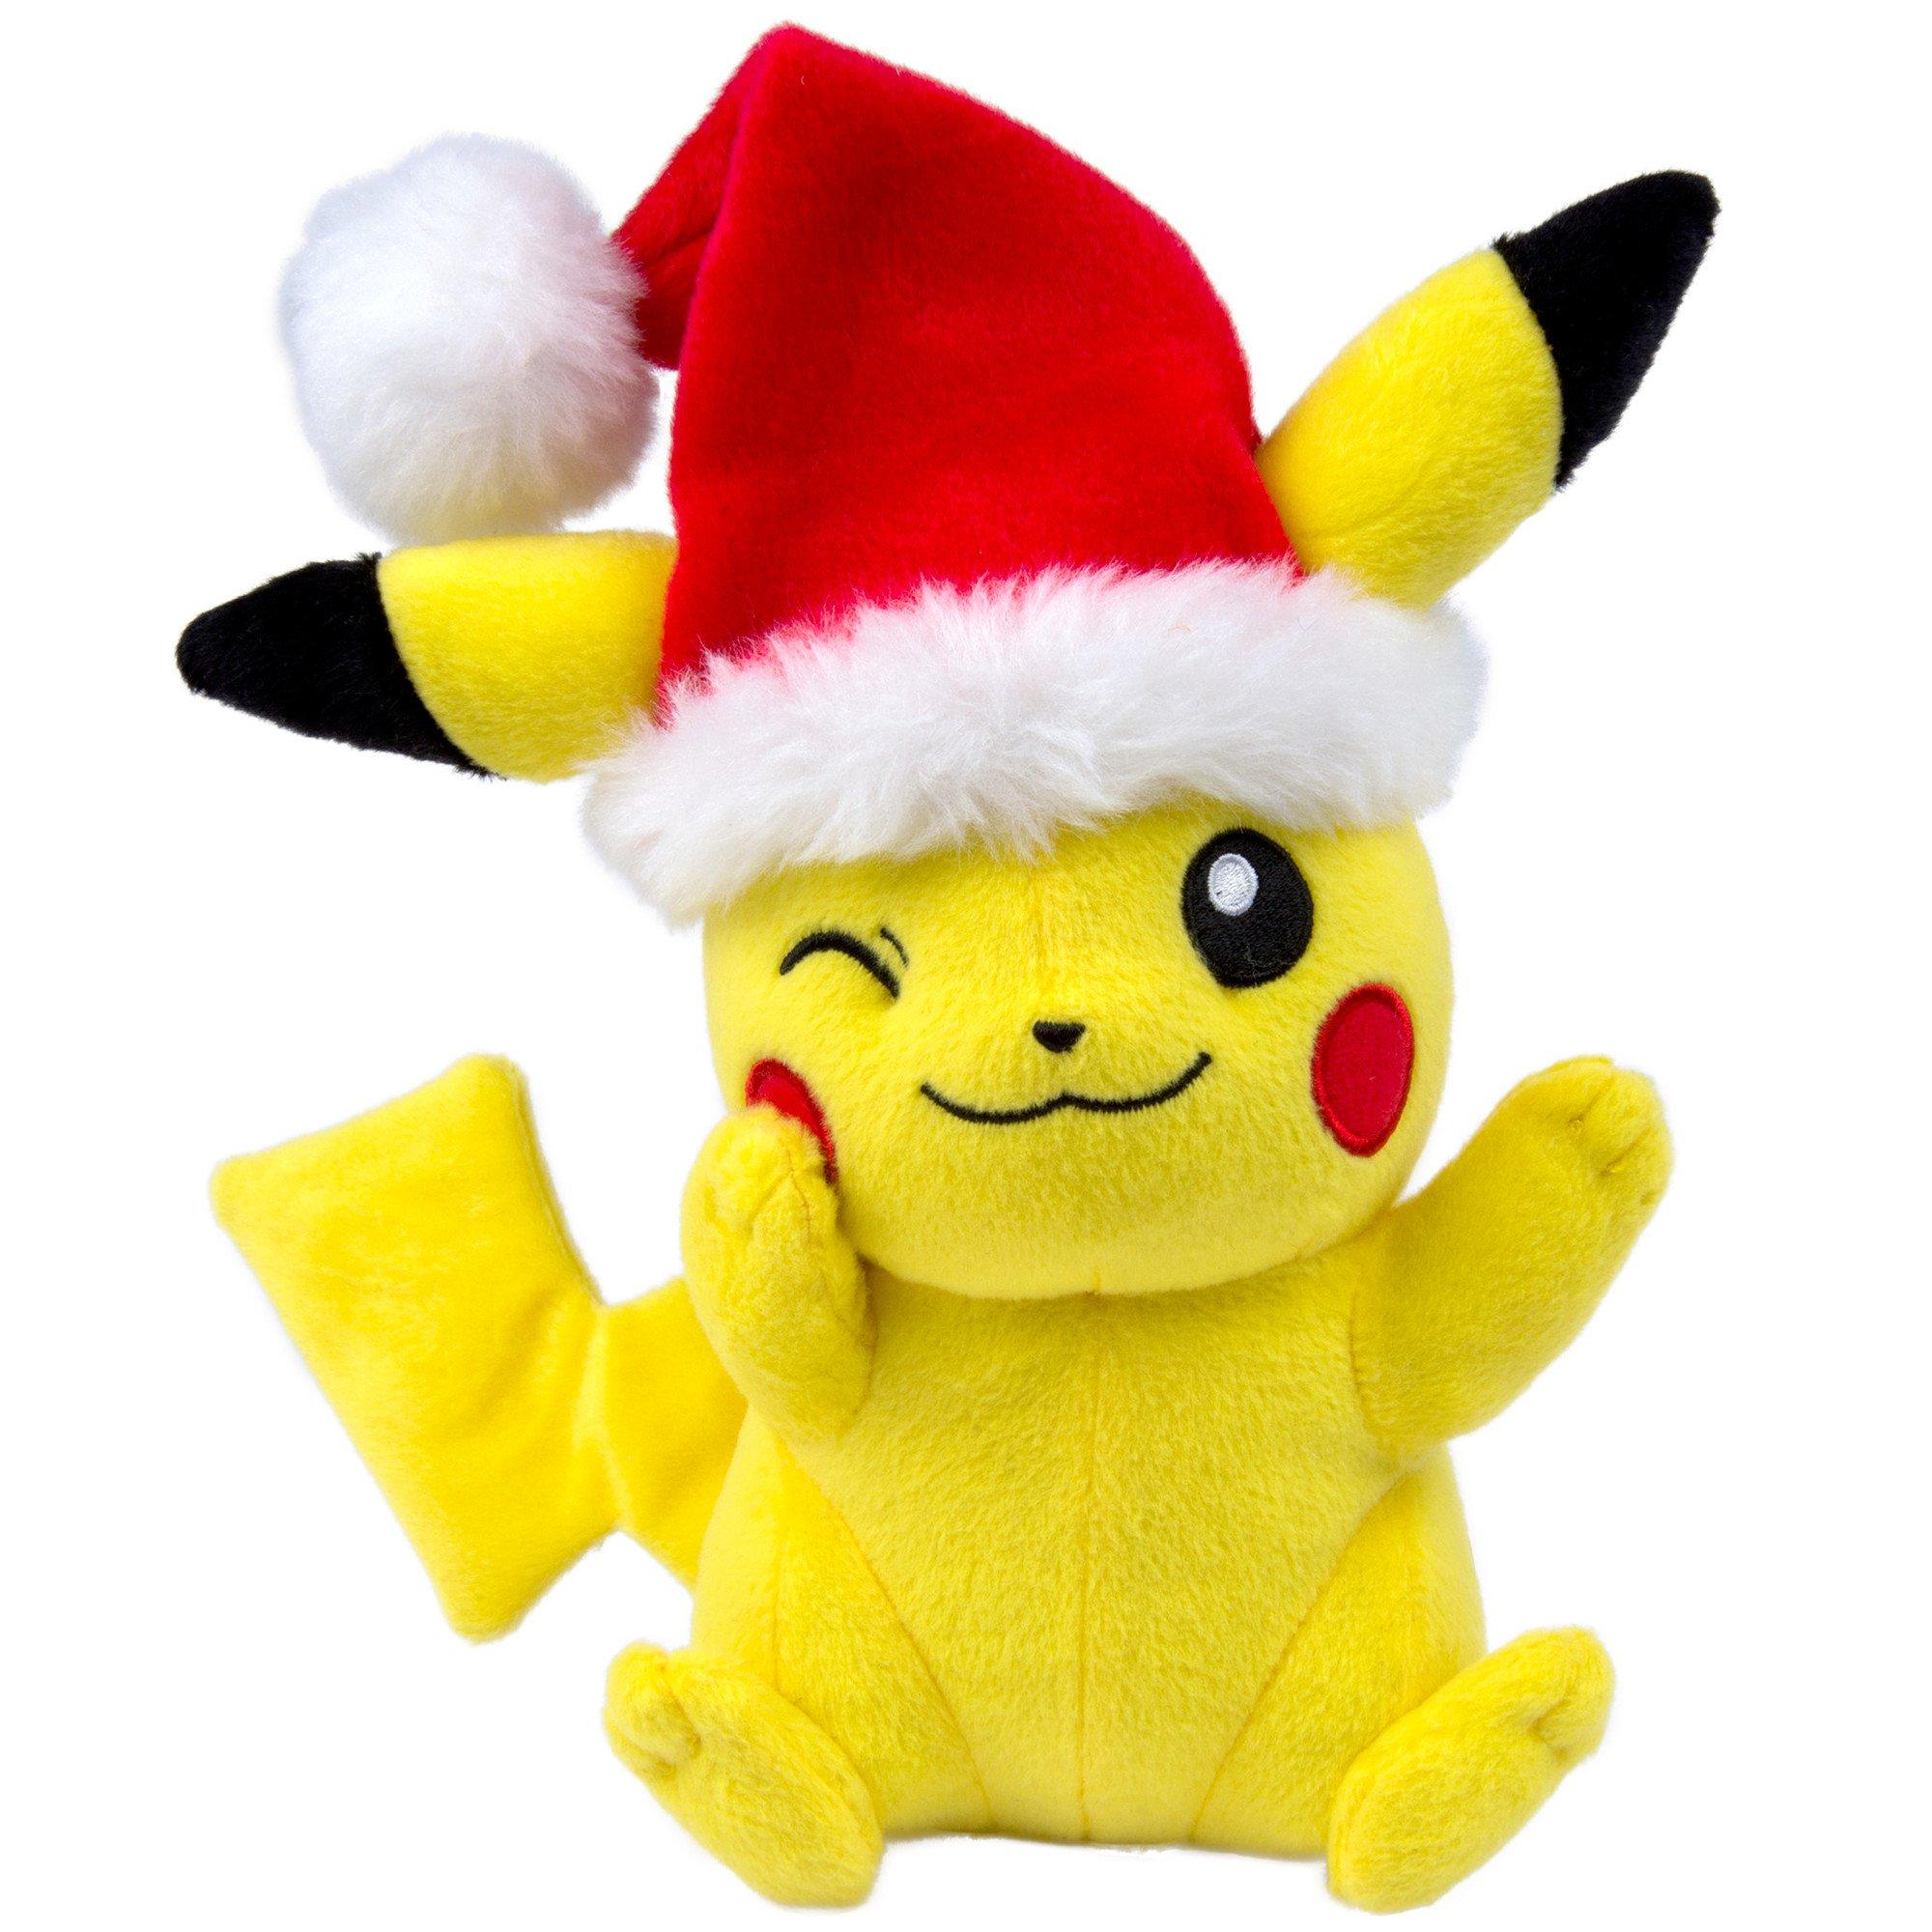 TOMY Pokémon Small Plush, Pikachu with Santa Hat Plush by TOMY